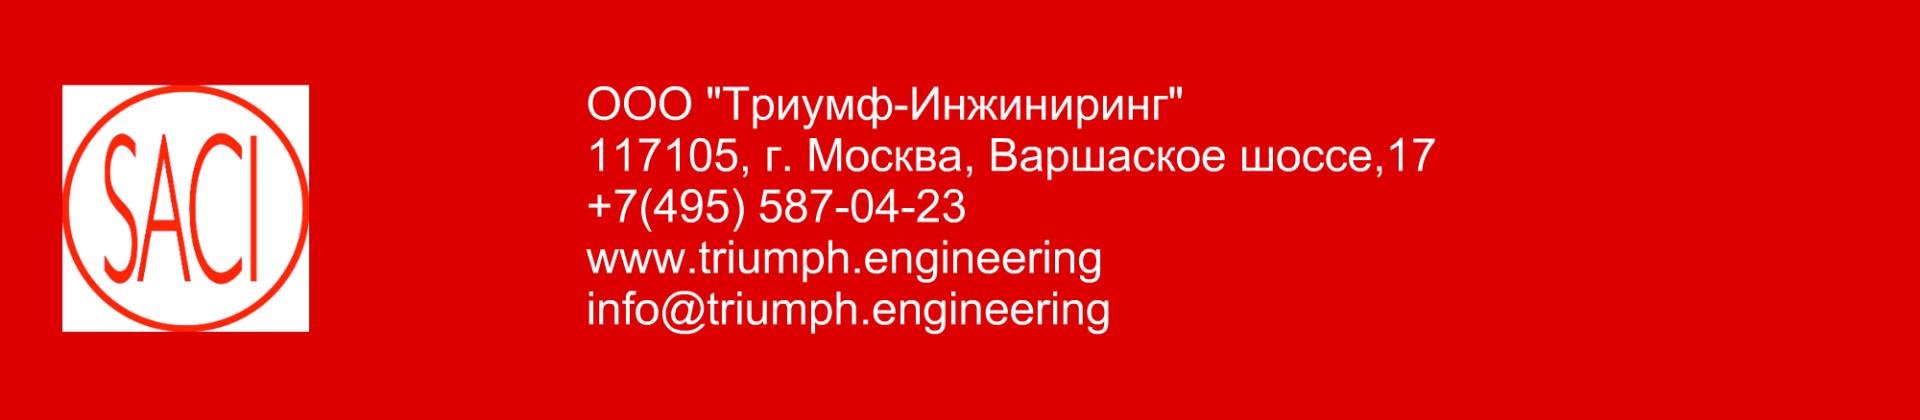 SACI / САСИ измерительное оборудование